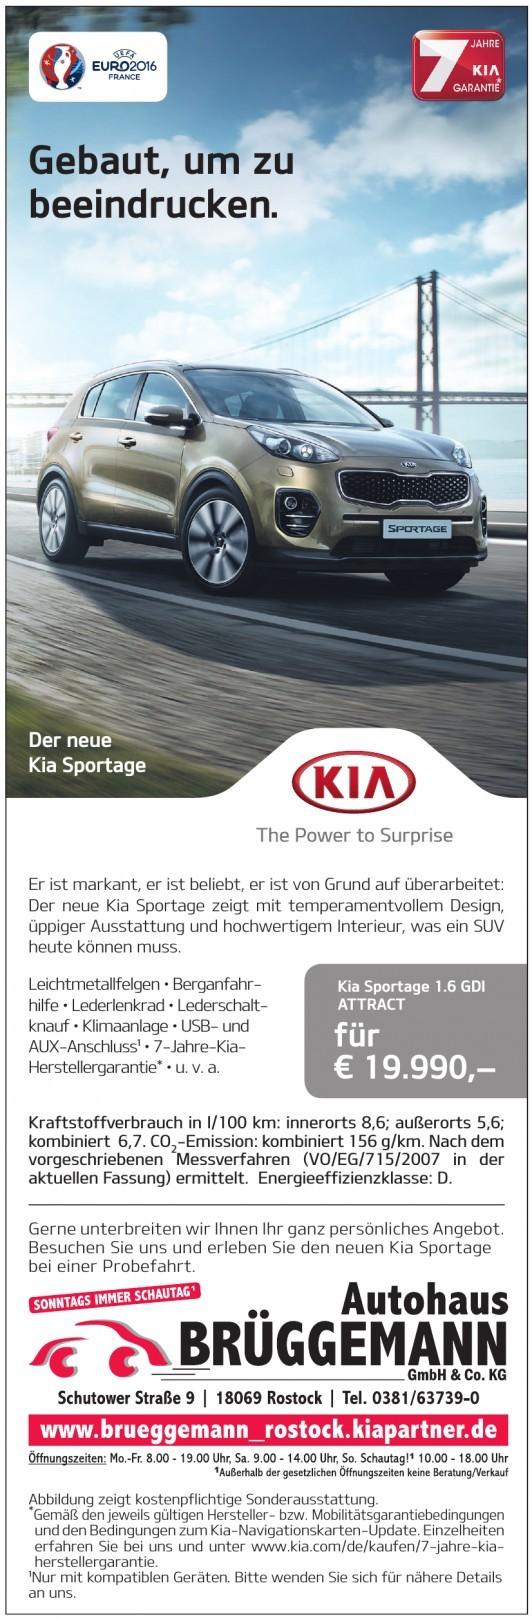 Autohaus BRÜGGEMANN GmbH & Co.KG